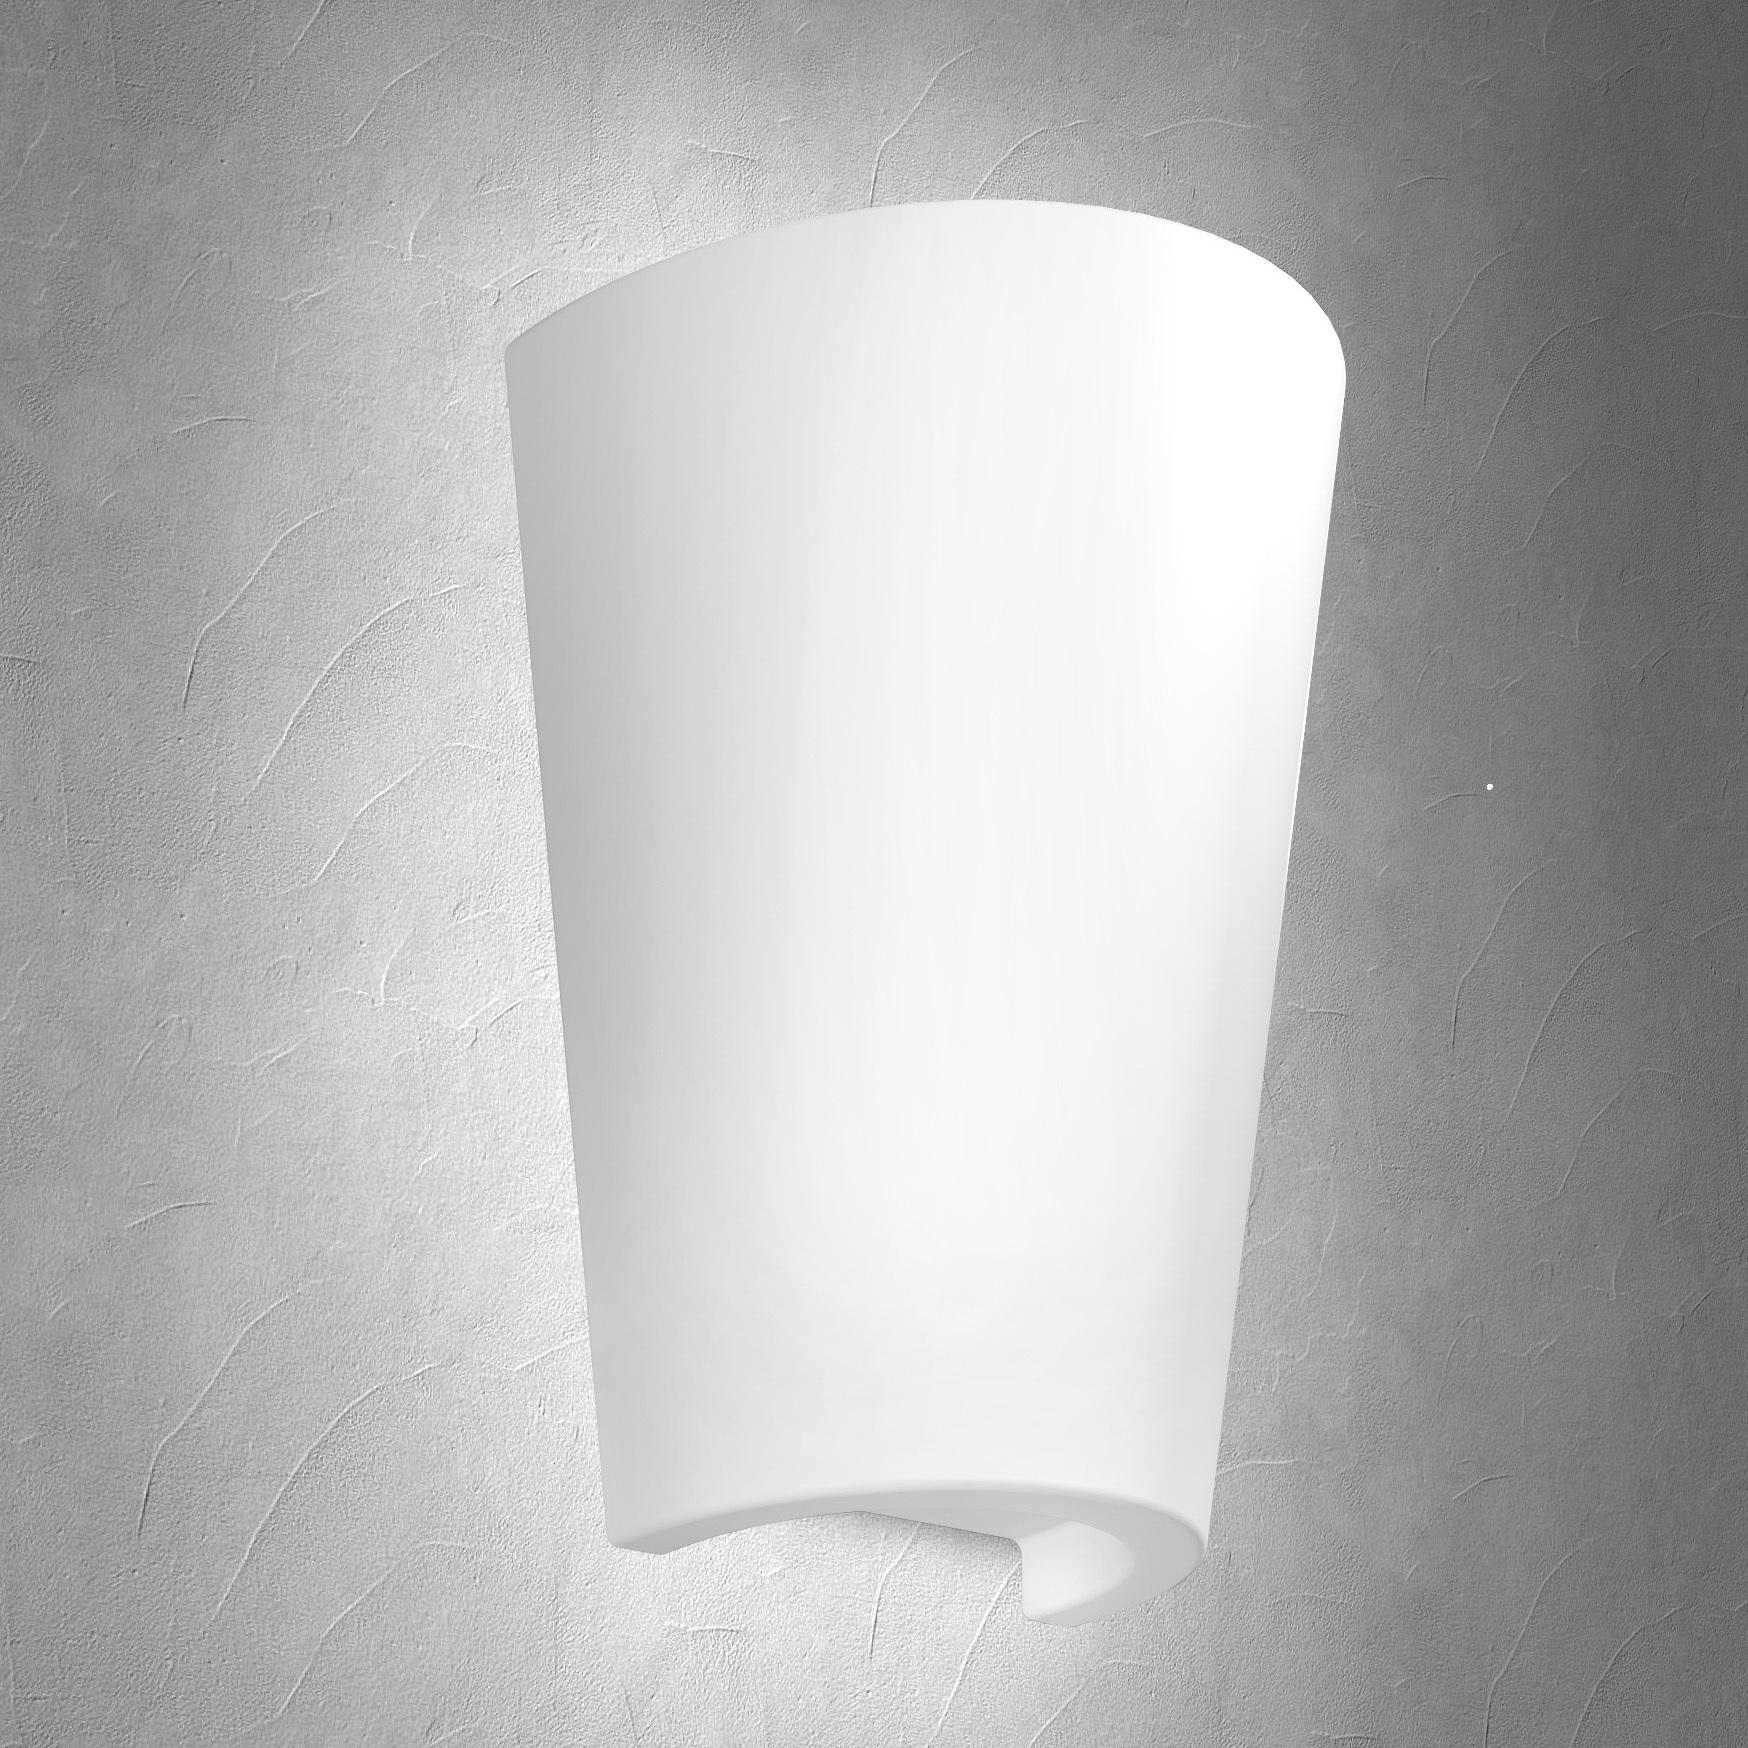 Настенный светильник Mantra Teja 6508, IP54, белый, металл, пластик - фото 2